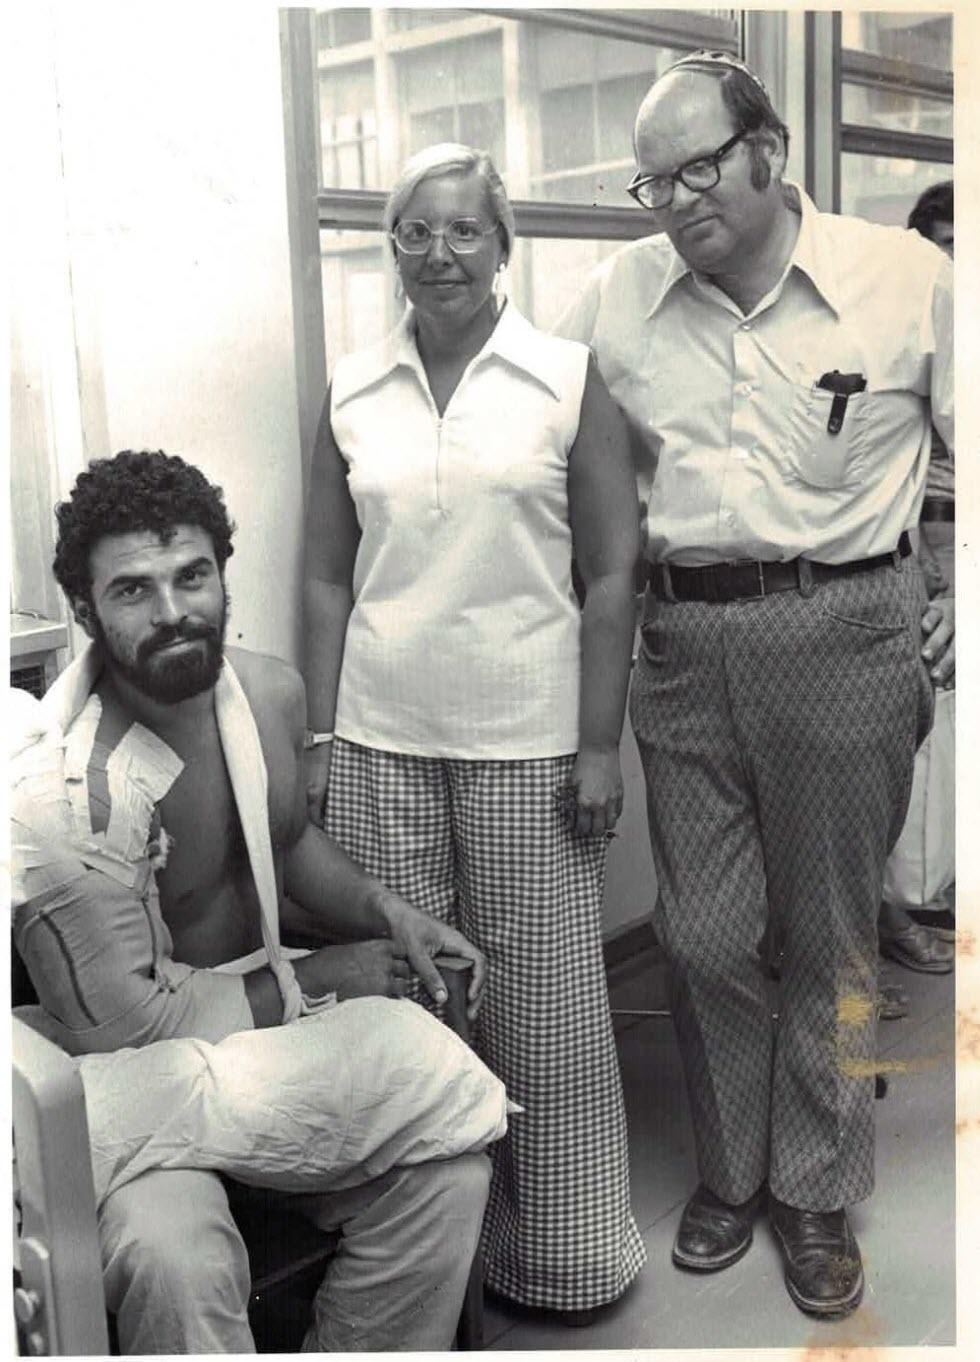 חייל פצוע עם BG ובעלה בבית החולים הדסה (צילום: ארכיון נשות הדסה)